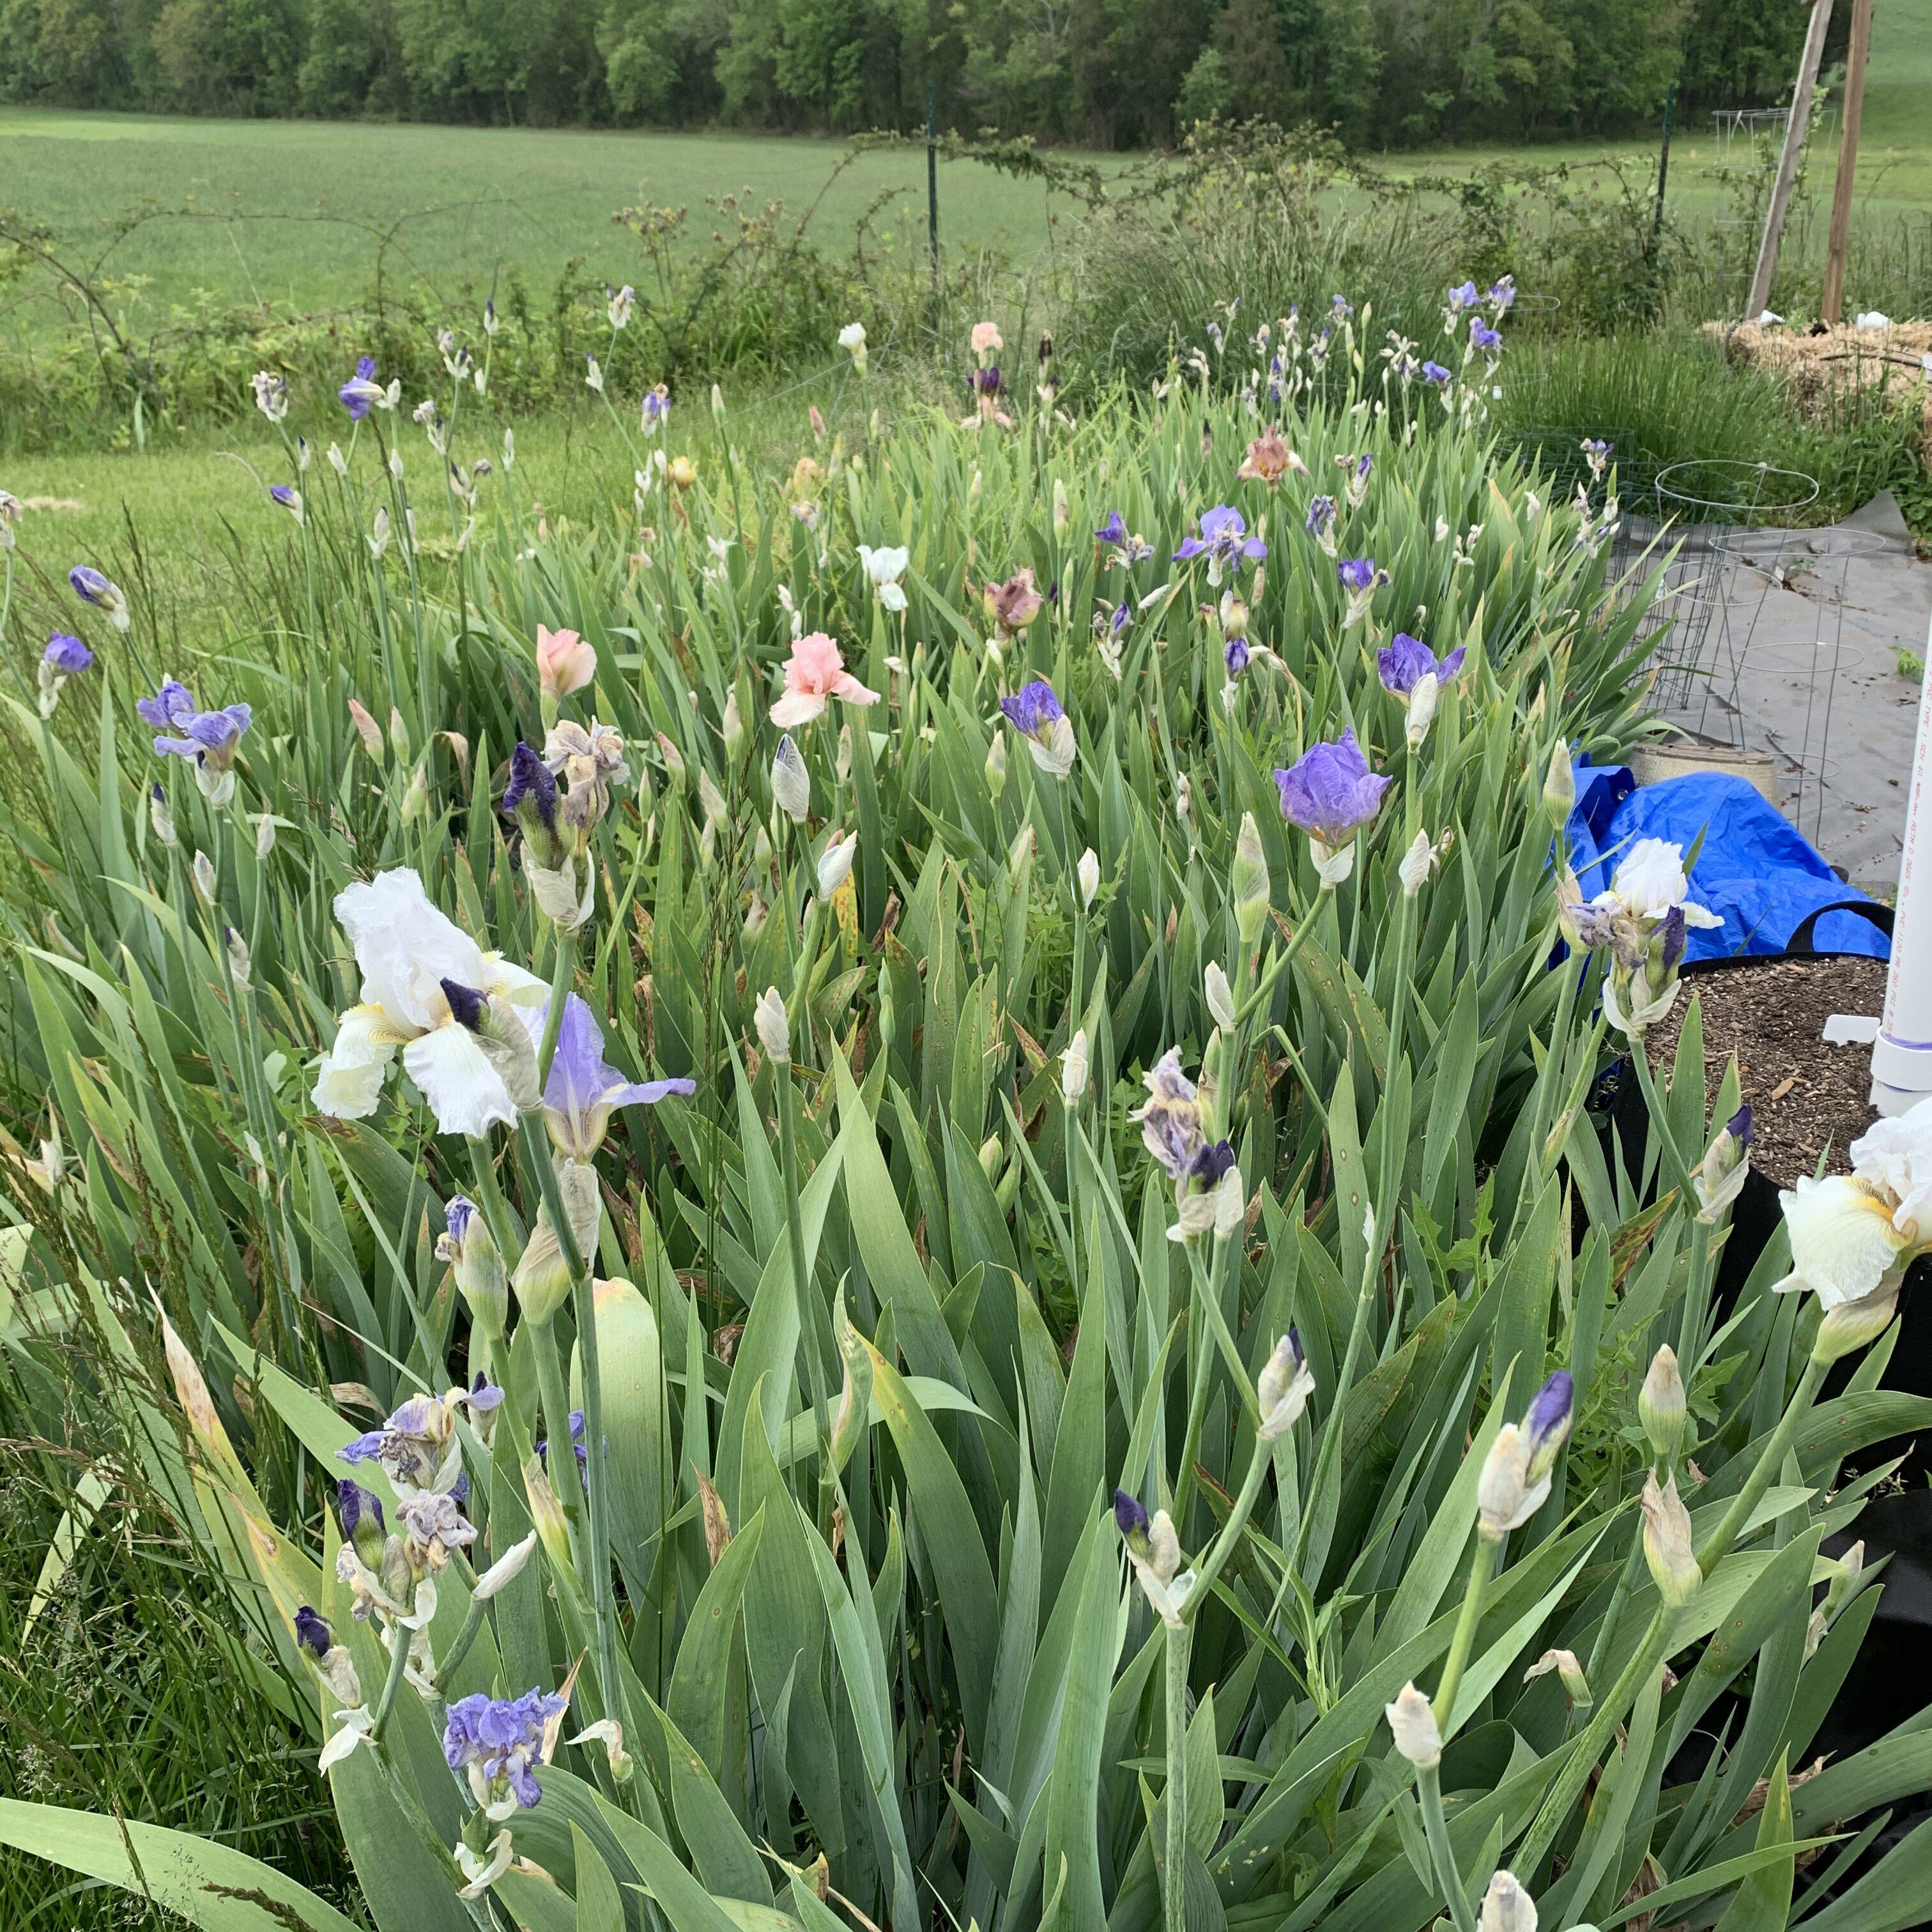 57C889E0 6284 473A 8EB4 8FB7F59275B6 Tomato planting day!